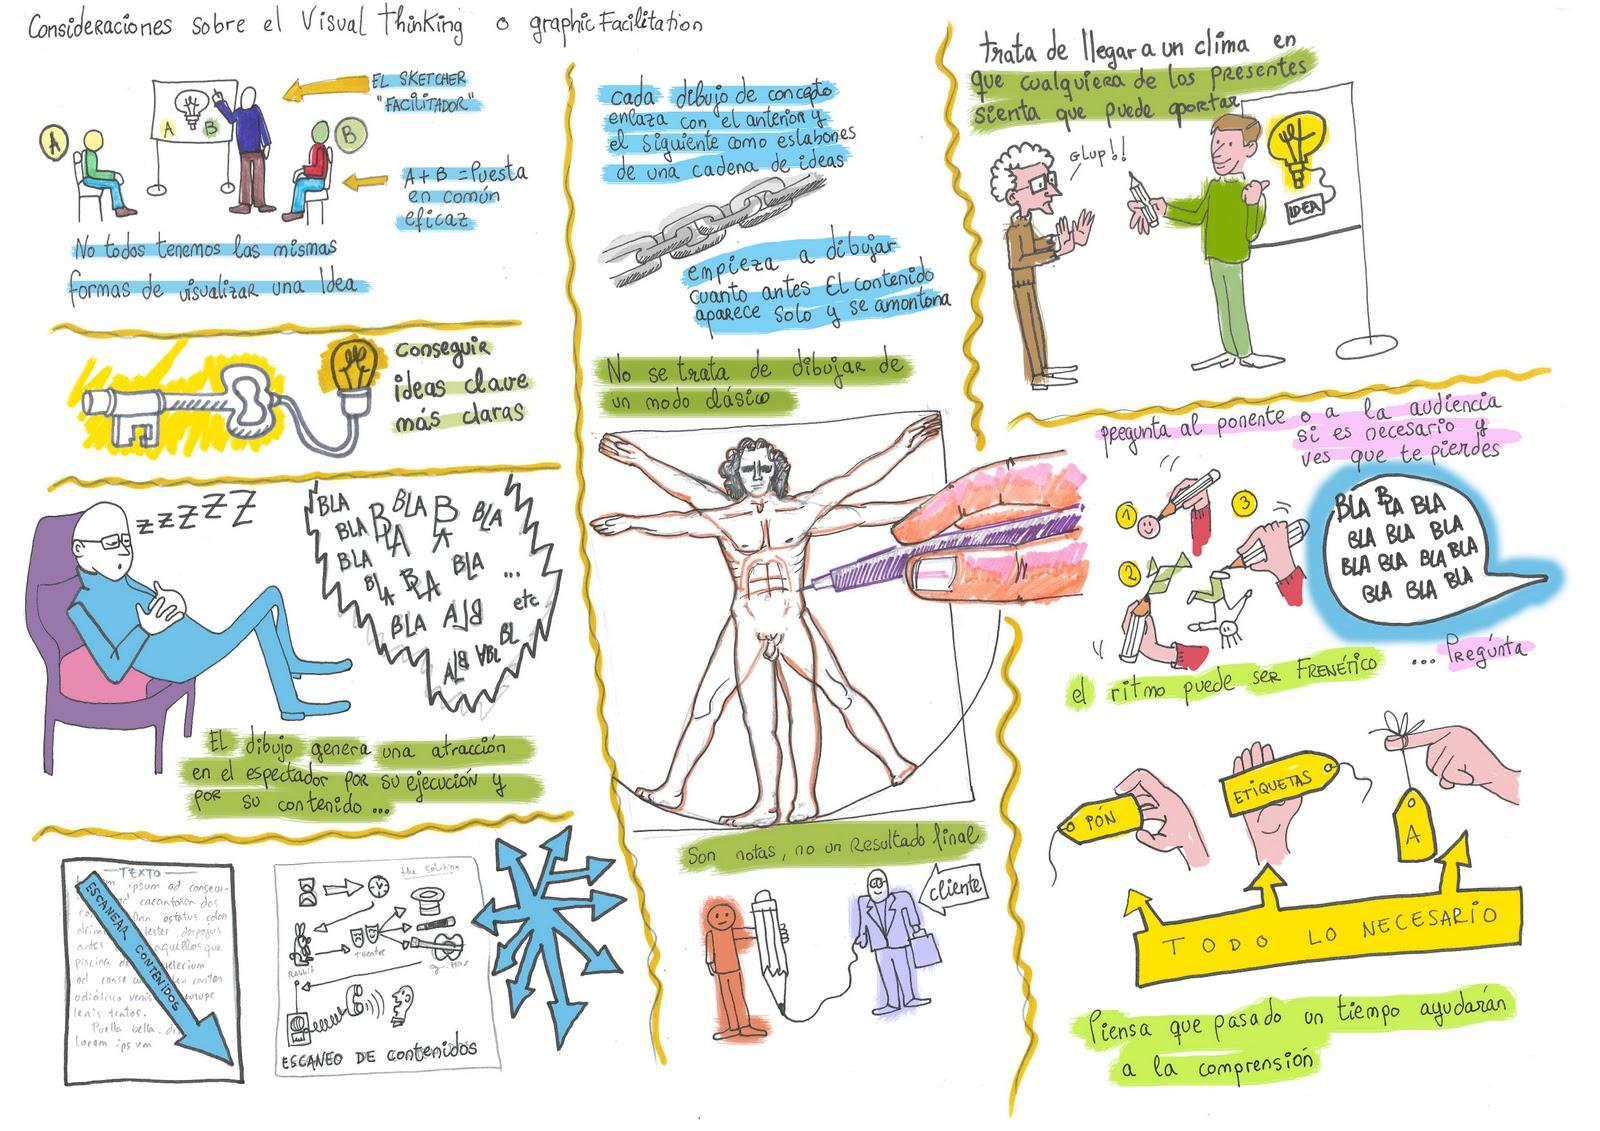 Dibujario: Fernando de Pablo: Consideraciones sobre visual